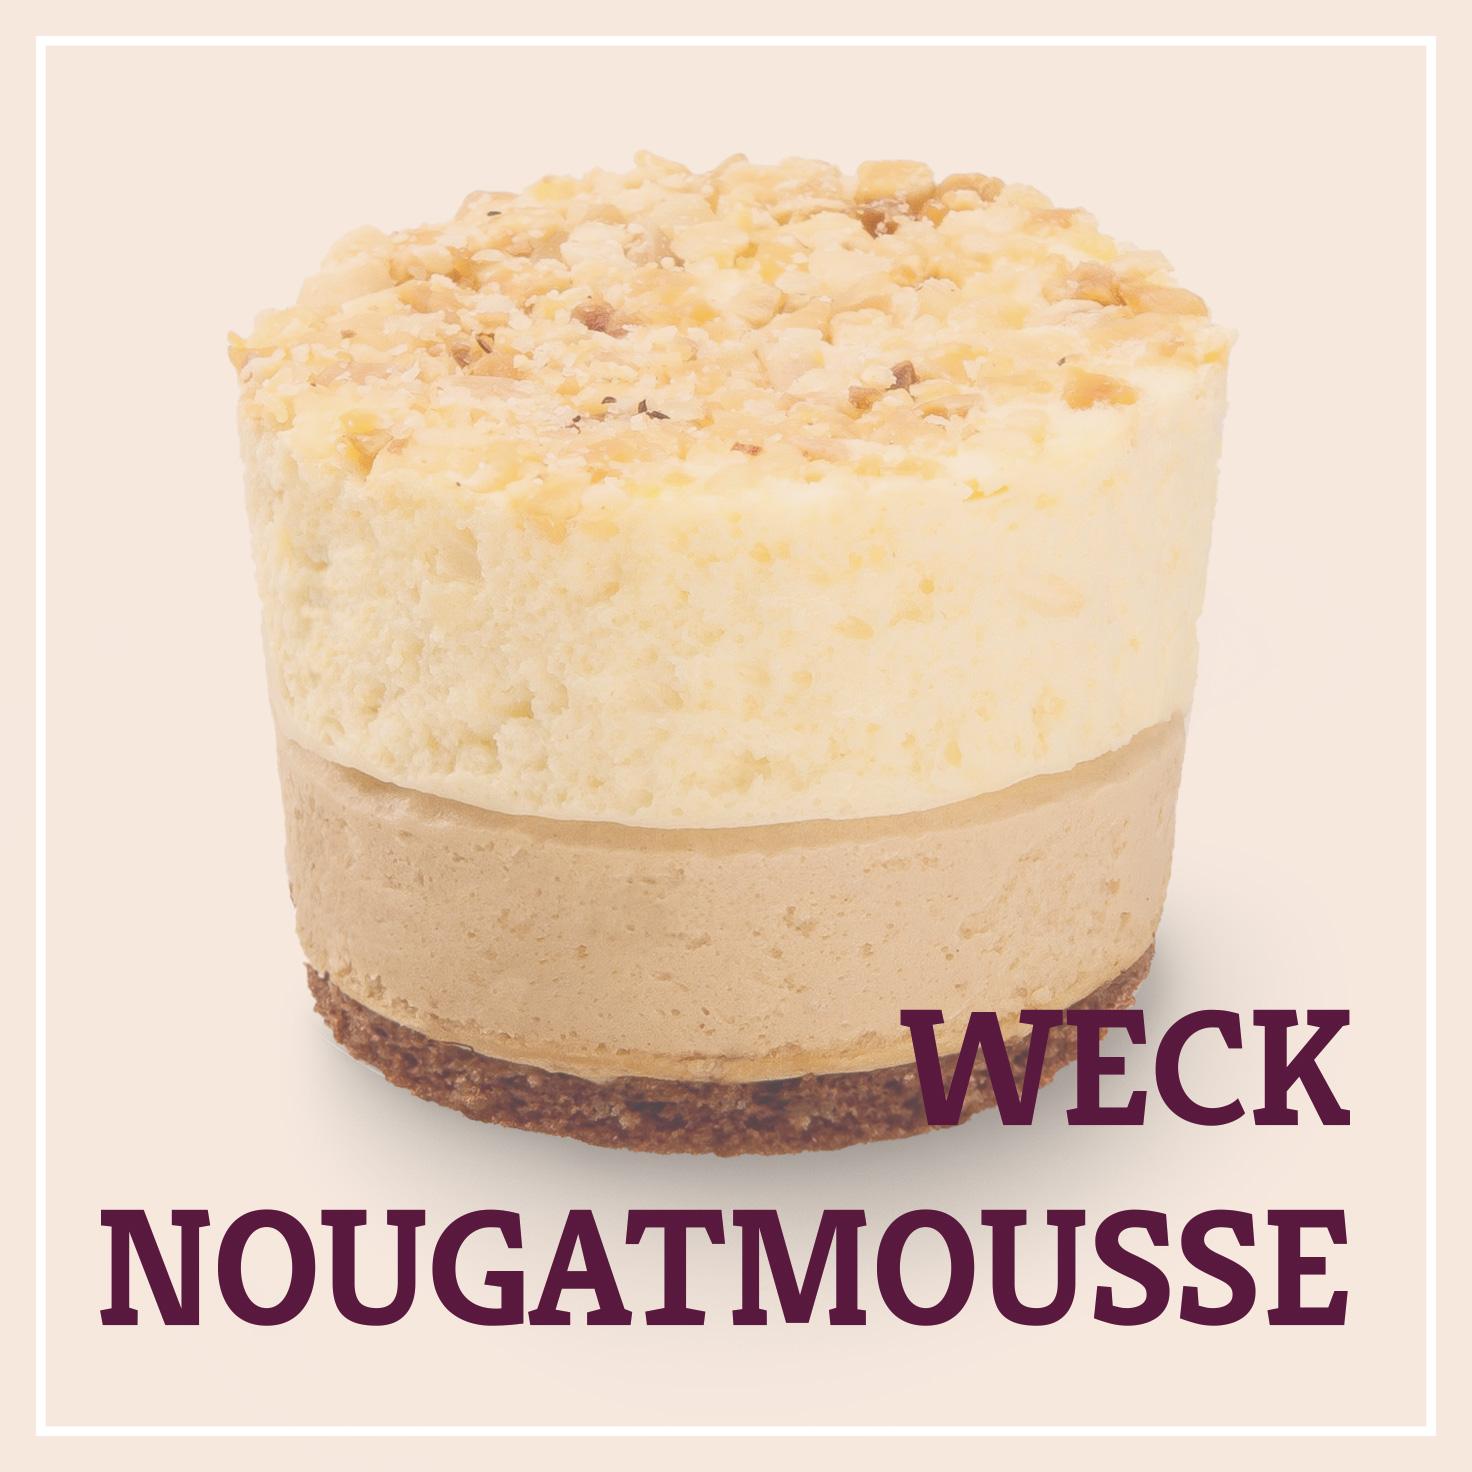 Heiss & Süß - Weck-Nougatmousse